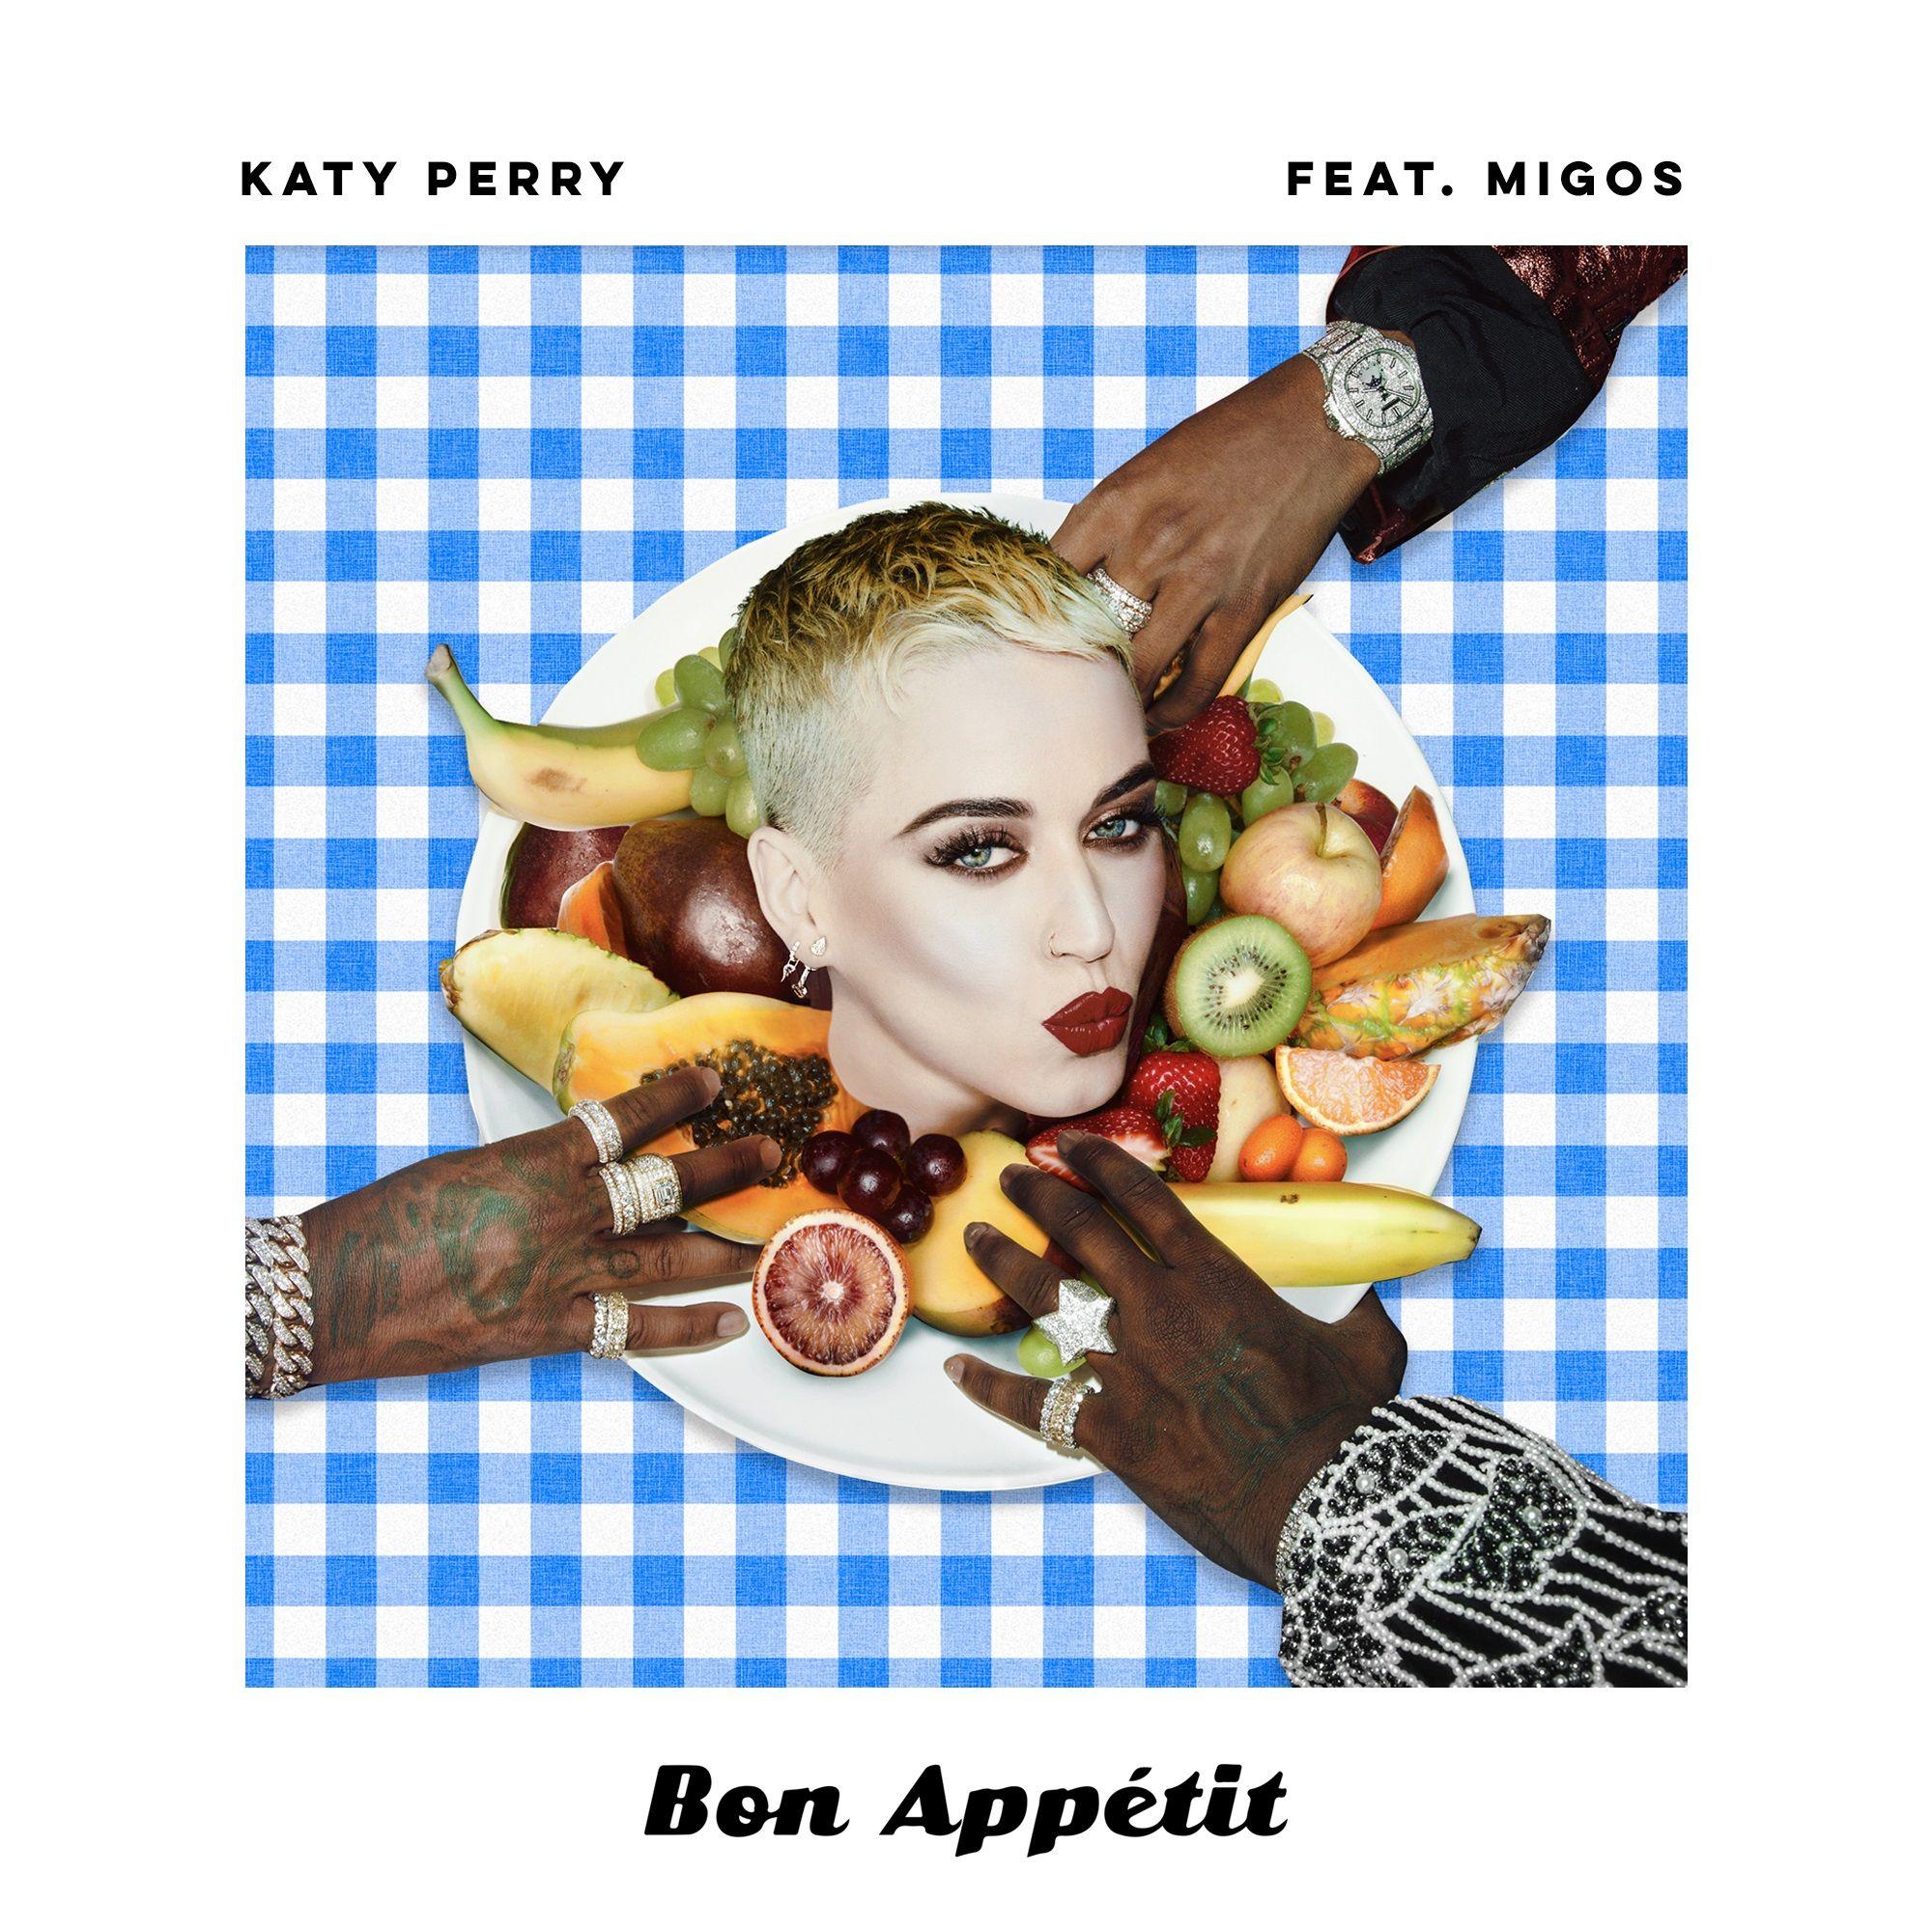 KATY PERRY FEAT MIGOS - BON APPéTIT